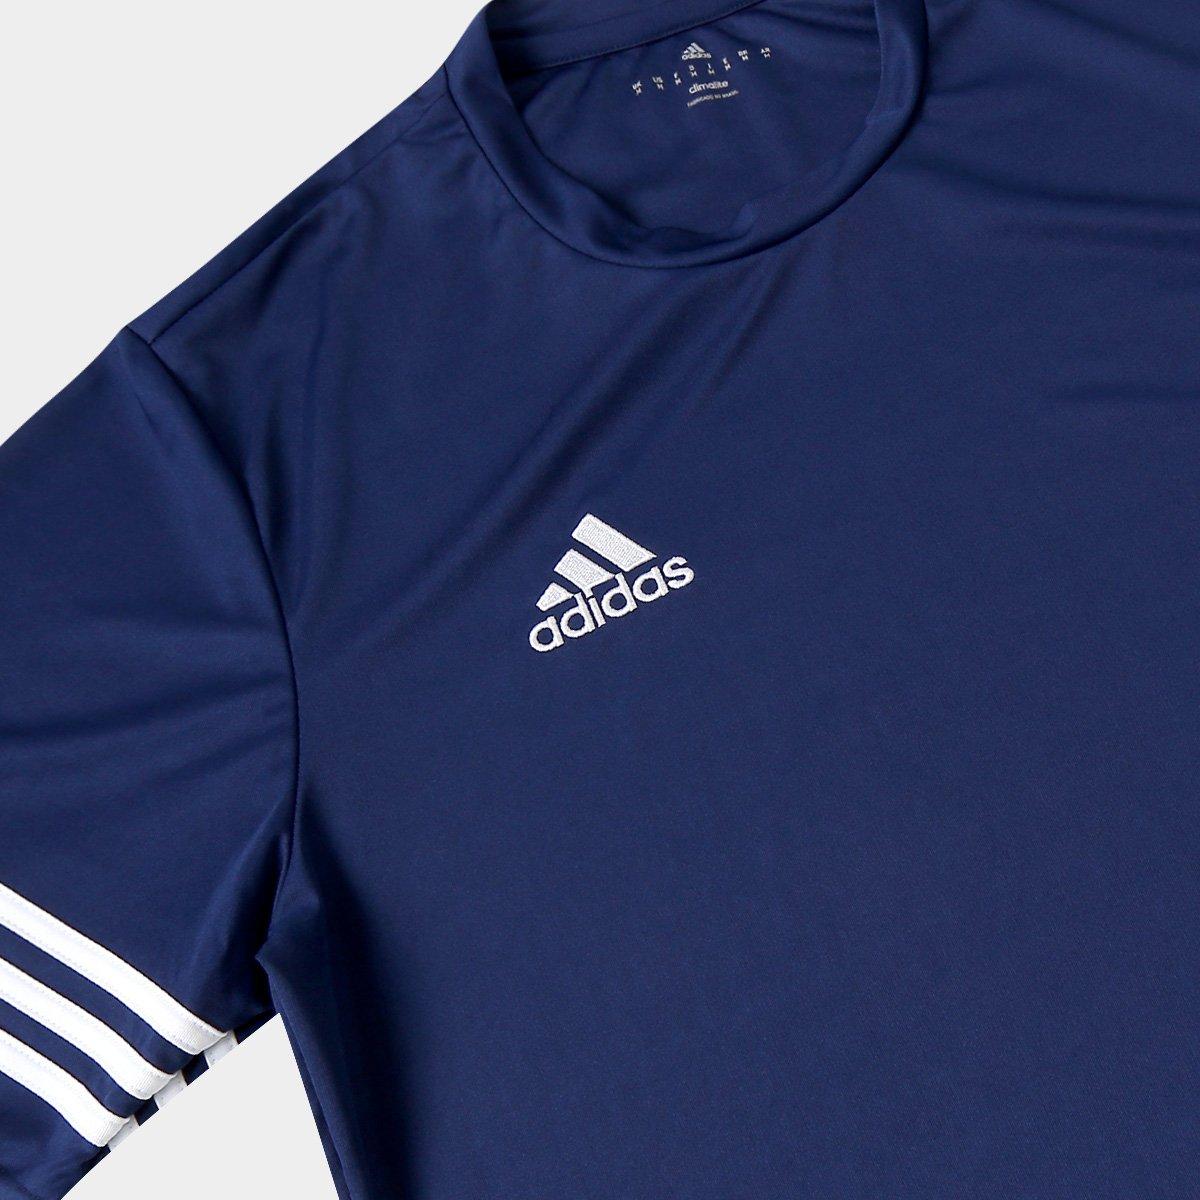 968656d281 Camisa Adidas Entrada 14 Masculina - Azul Escuro - Compre Agora ...